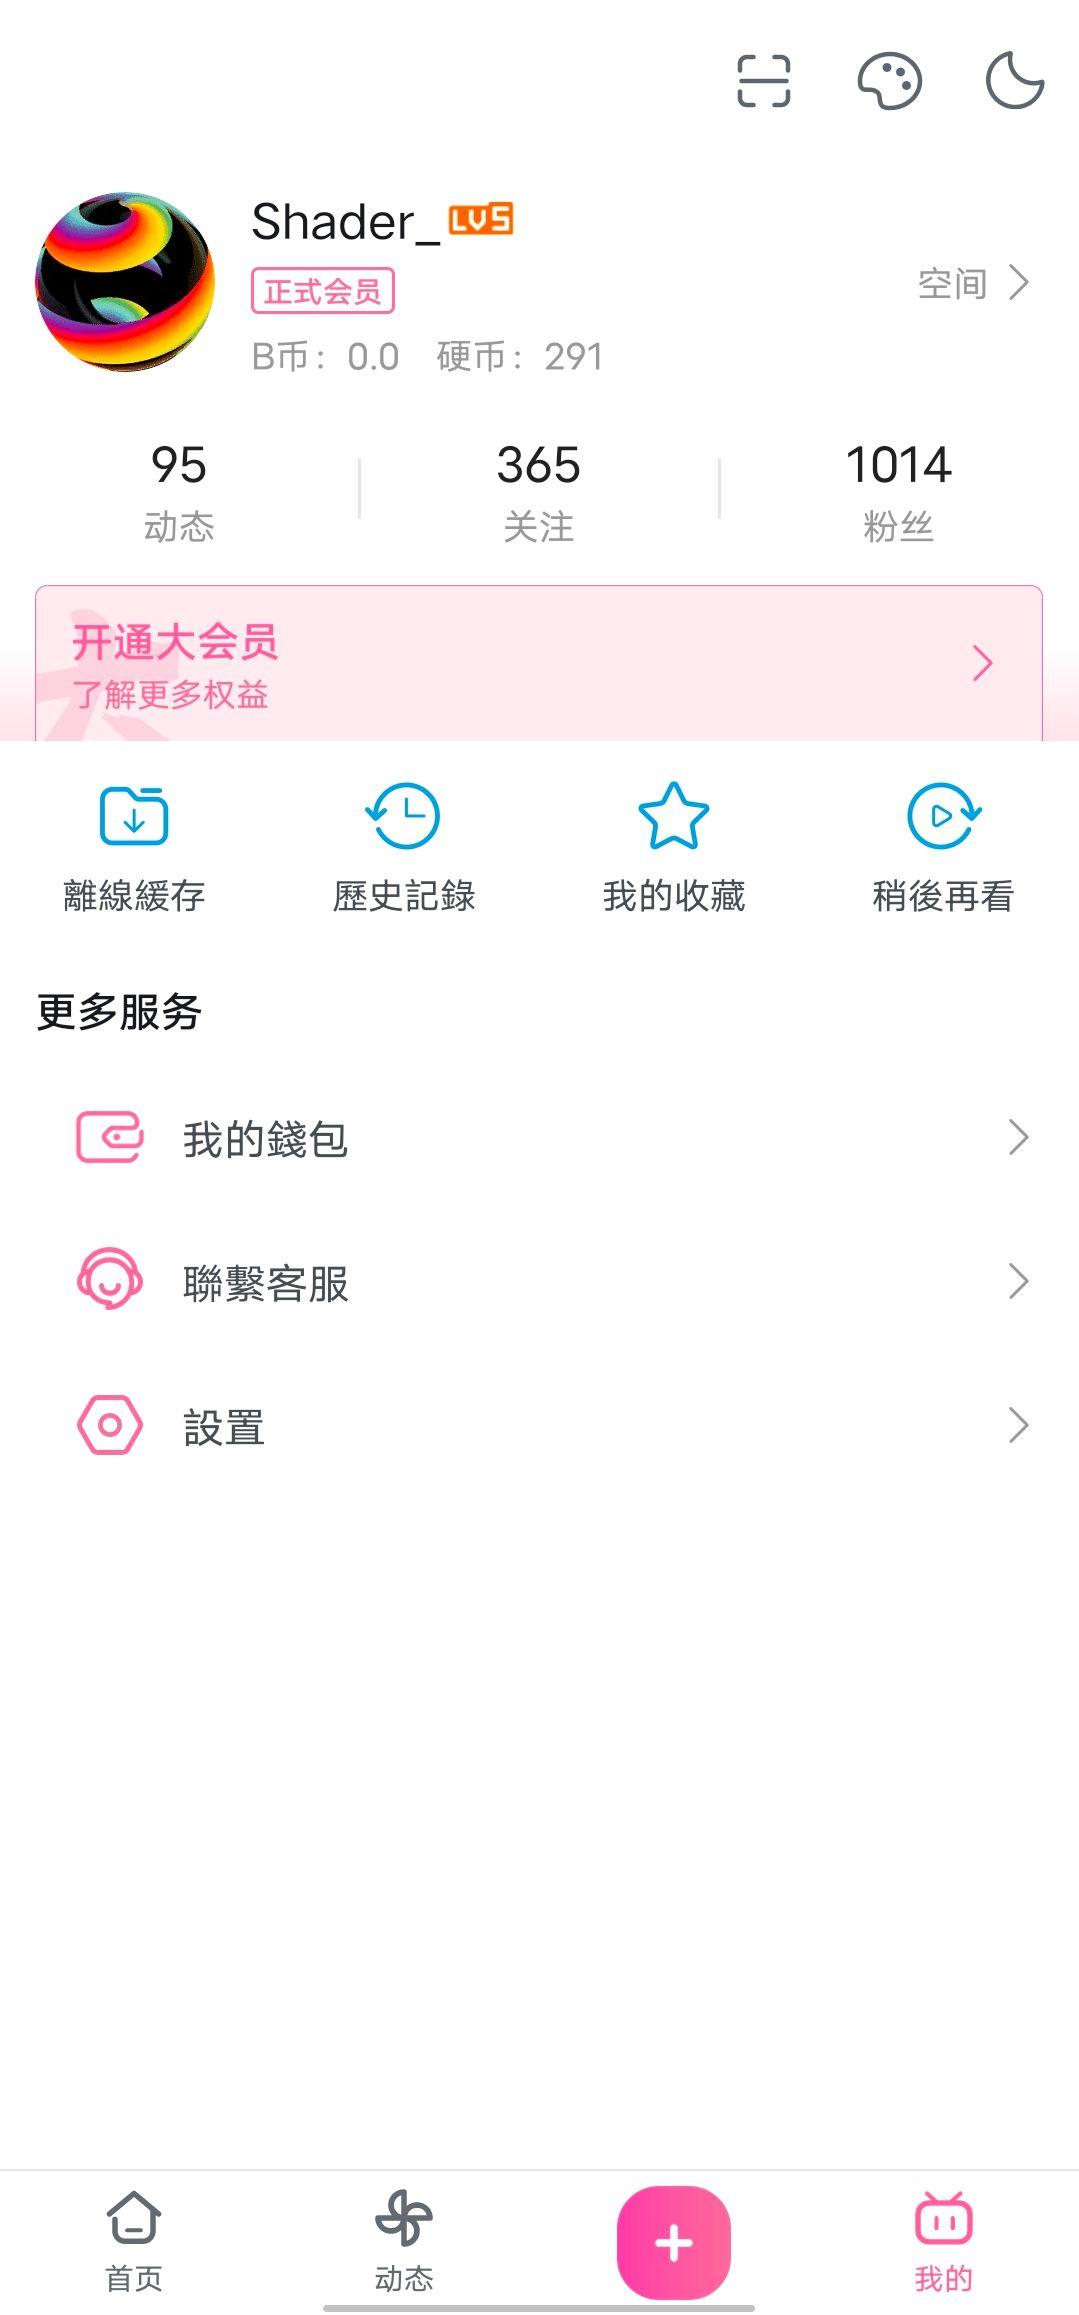 图片[2]-Bilibili哔哩哔哩视频弹幕App无广告免Google框架版-机核元素 - yangshader.com